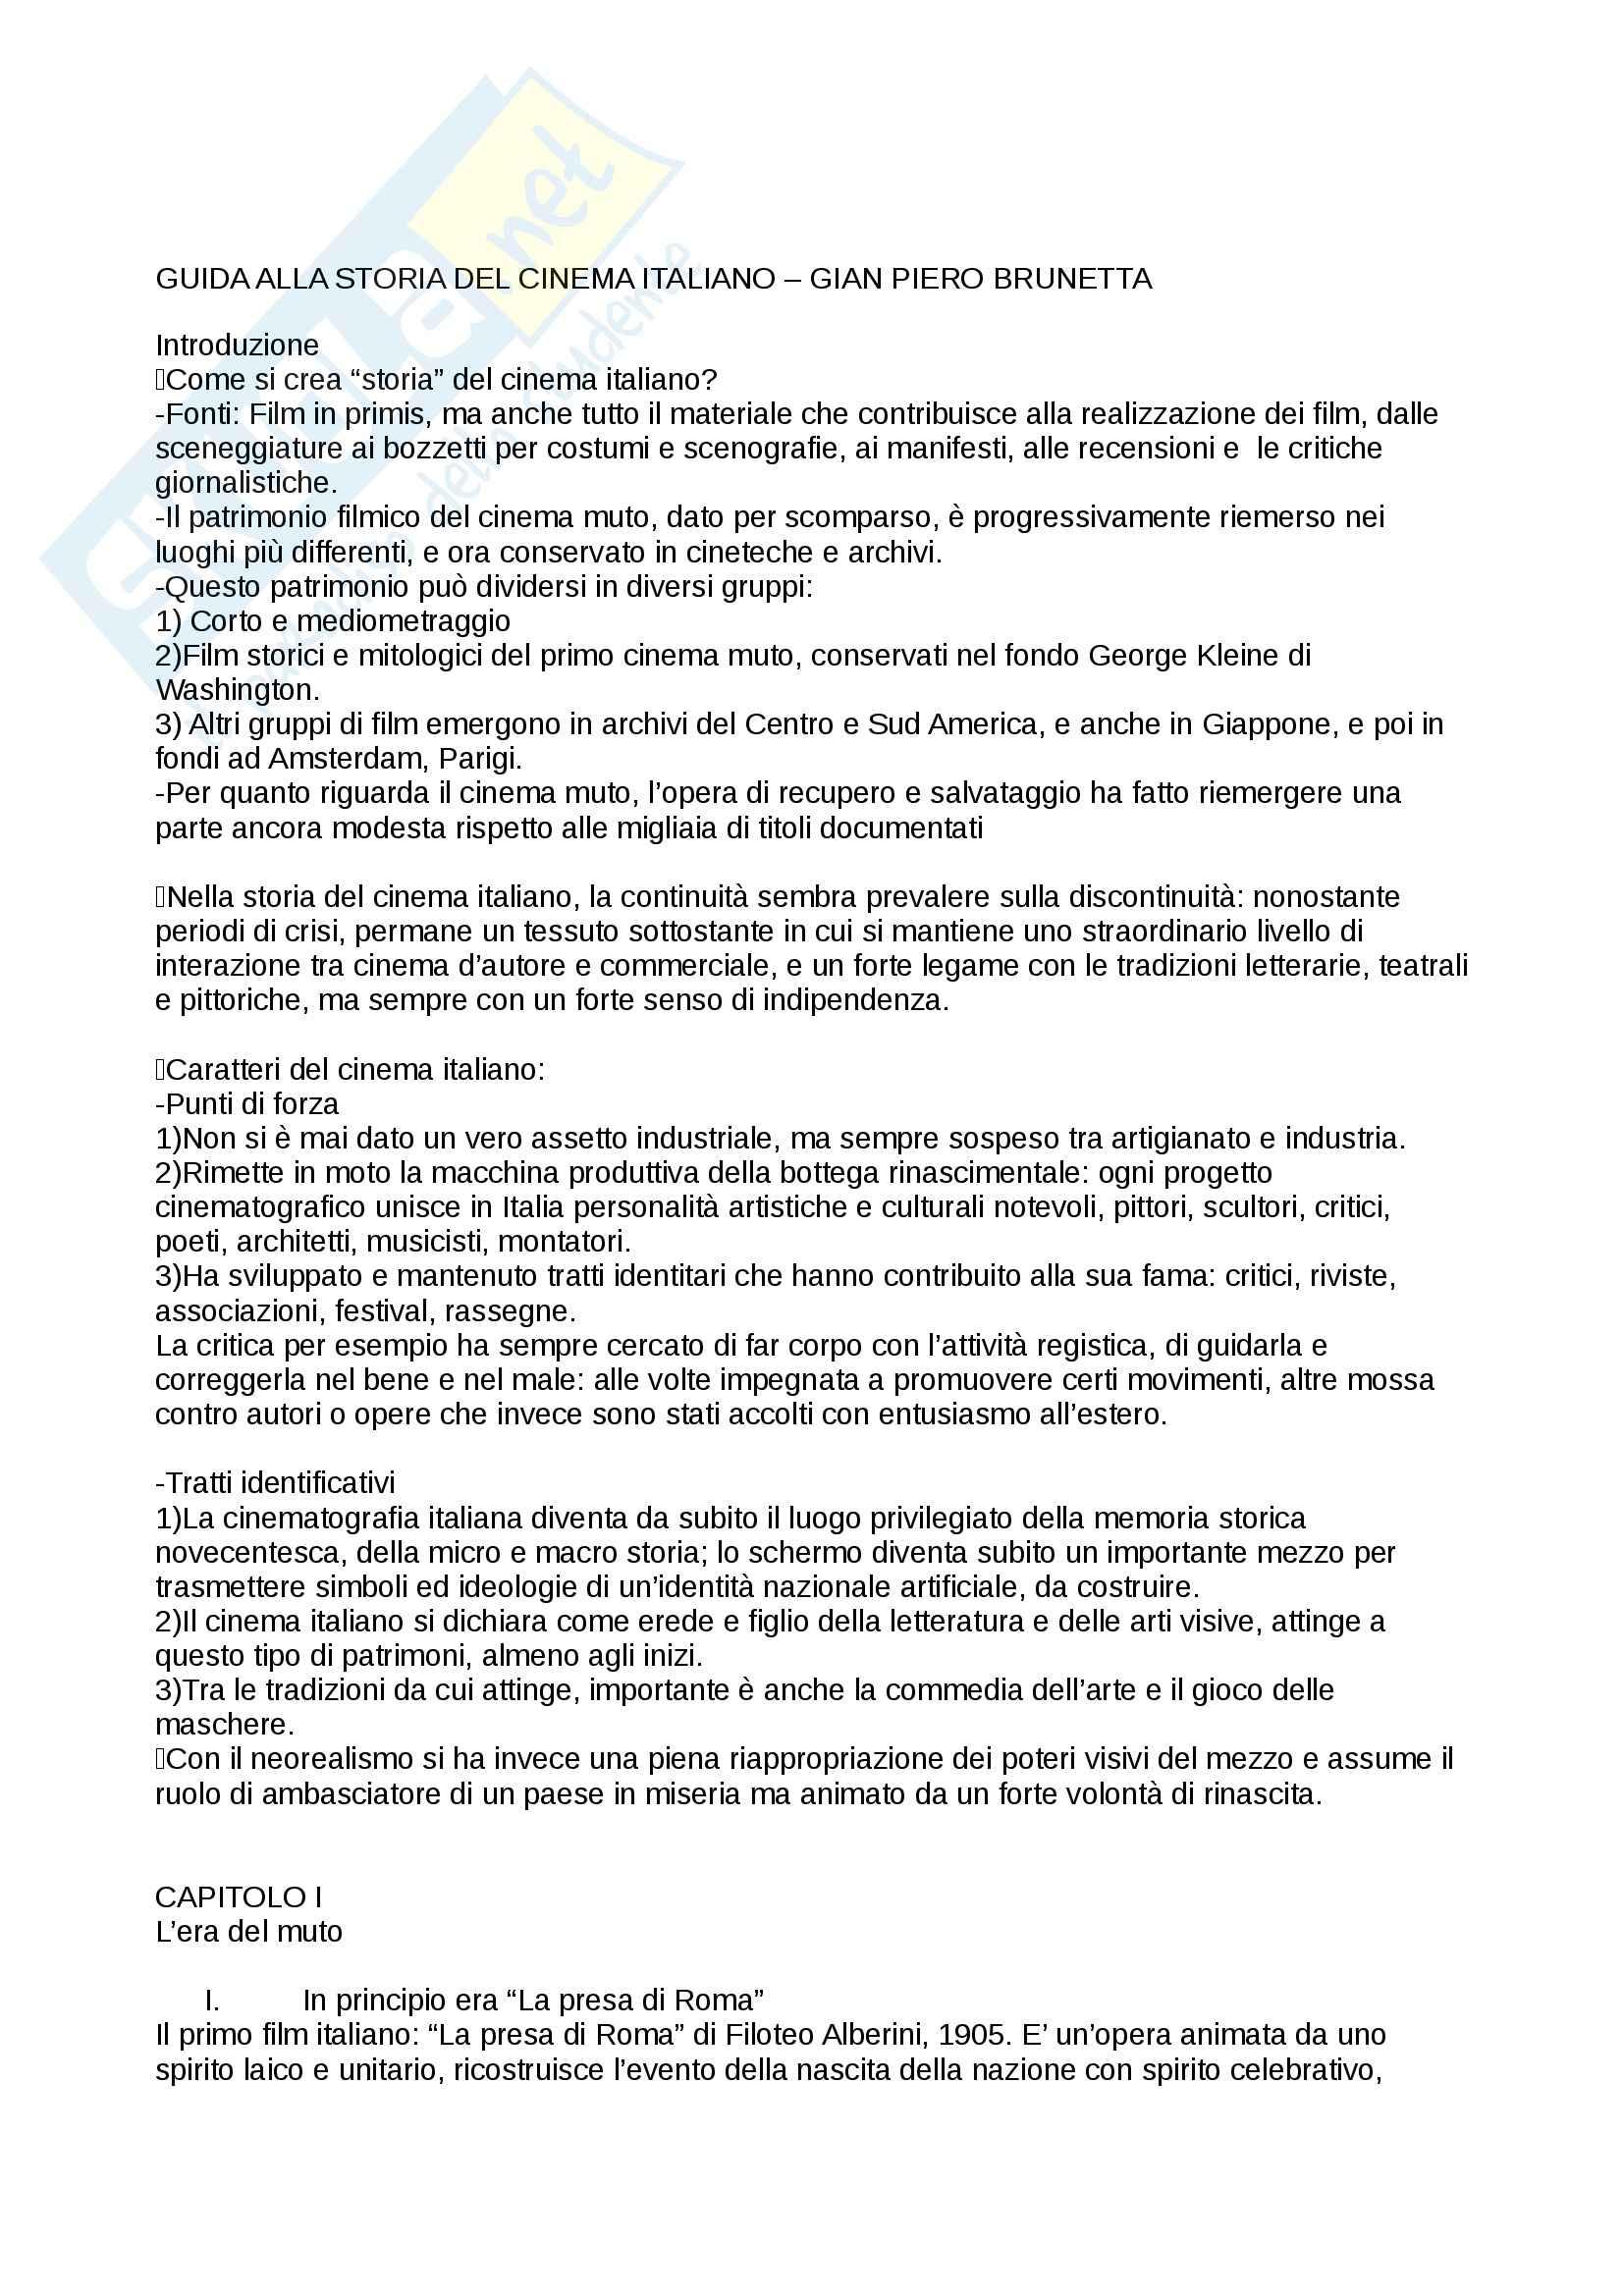 Riassunto esame storia del cinema italiano, prof. Manzoli, libro consigliato Guida alla storia del cinema italiano, 1905-2003, Brunetta